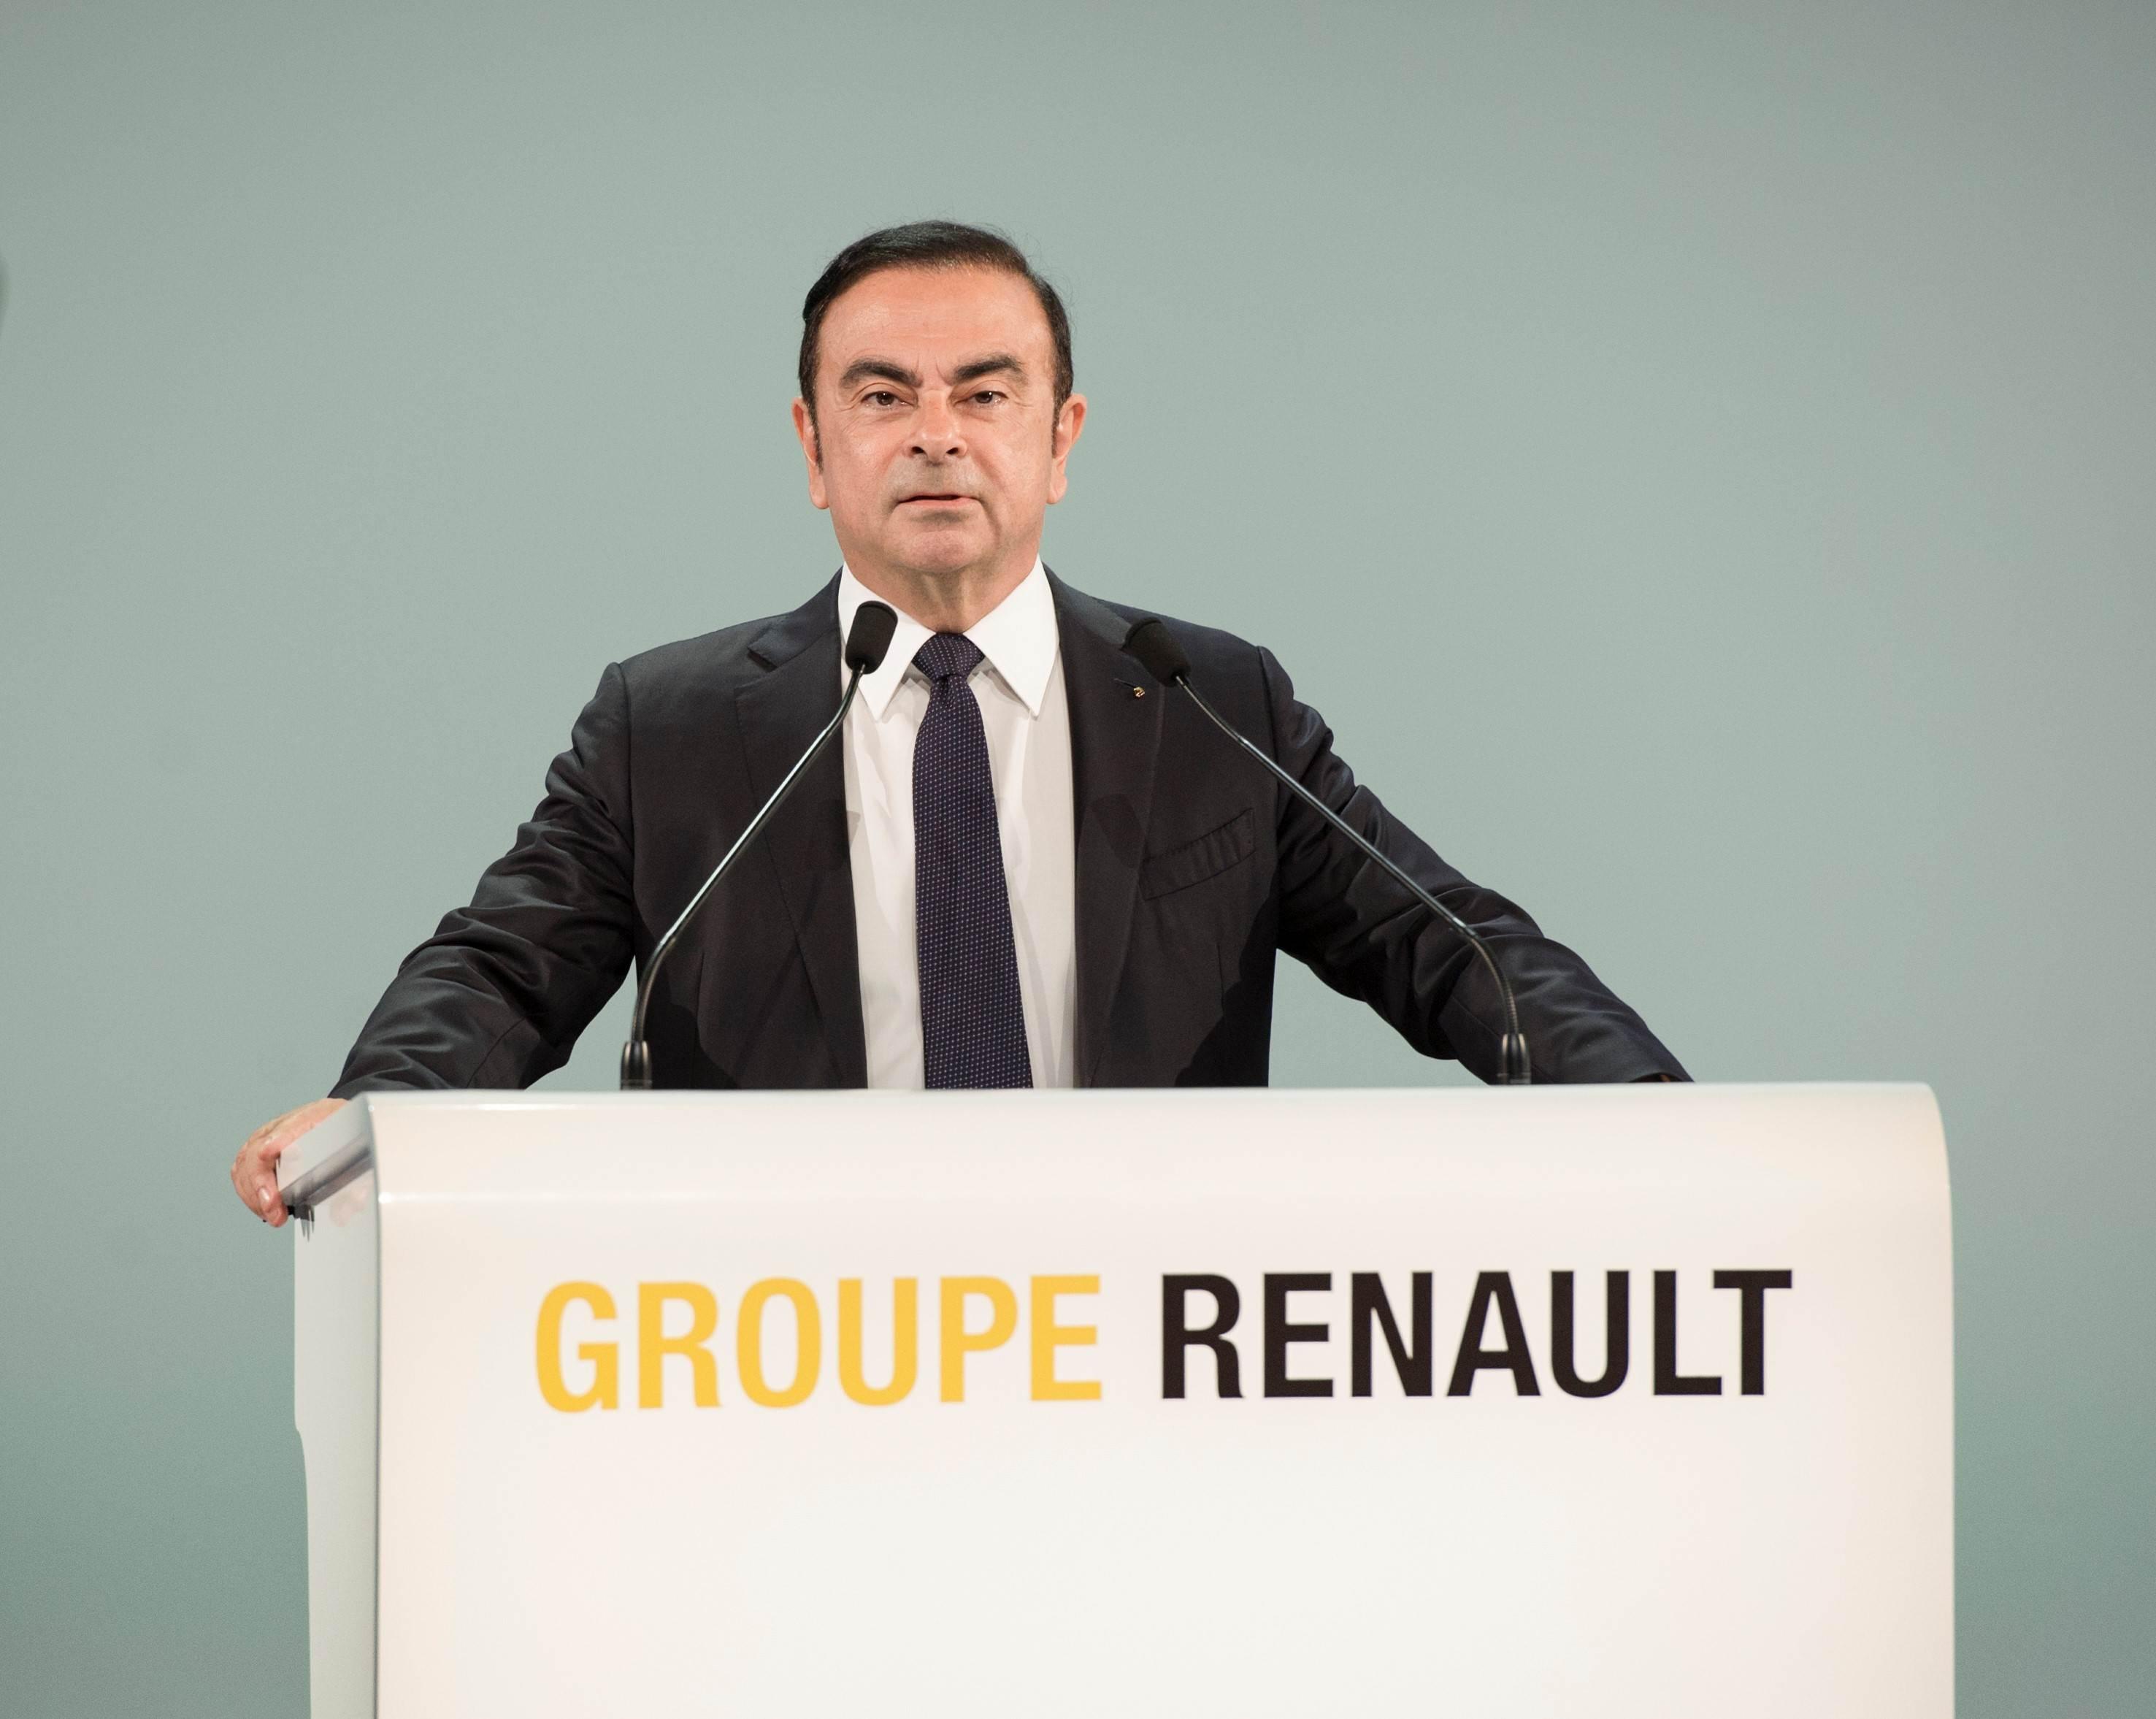 Renault keeps Carlos Ghosn as CEO